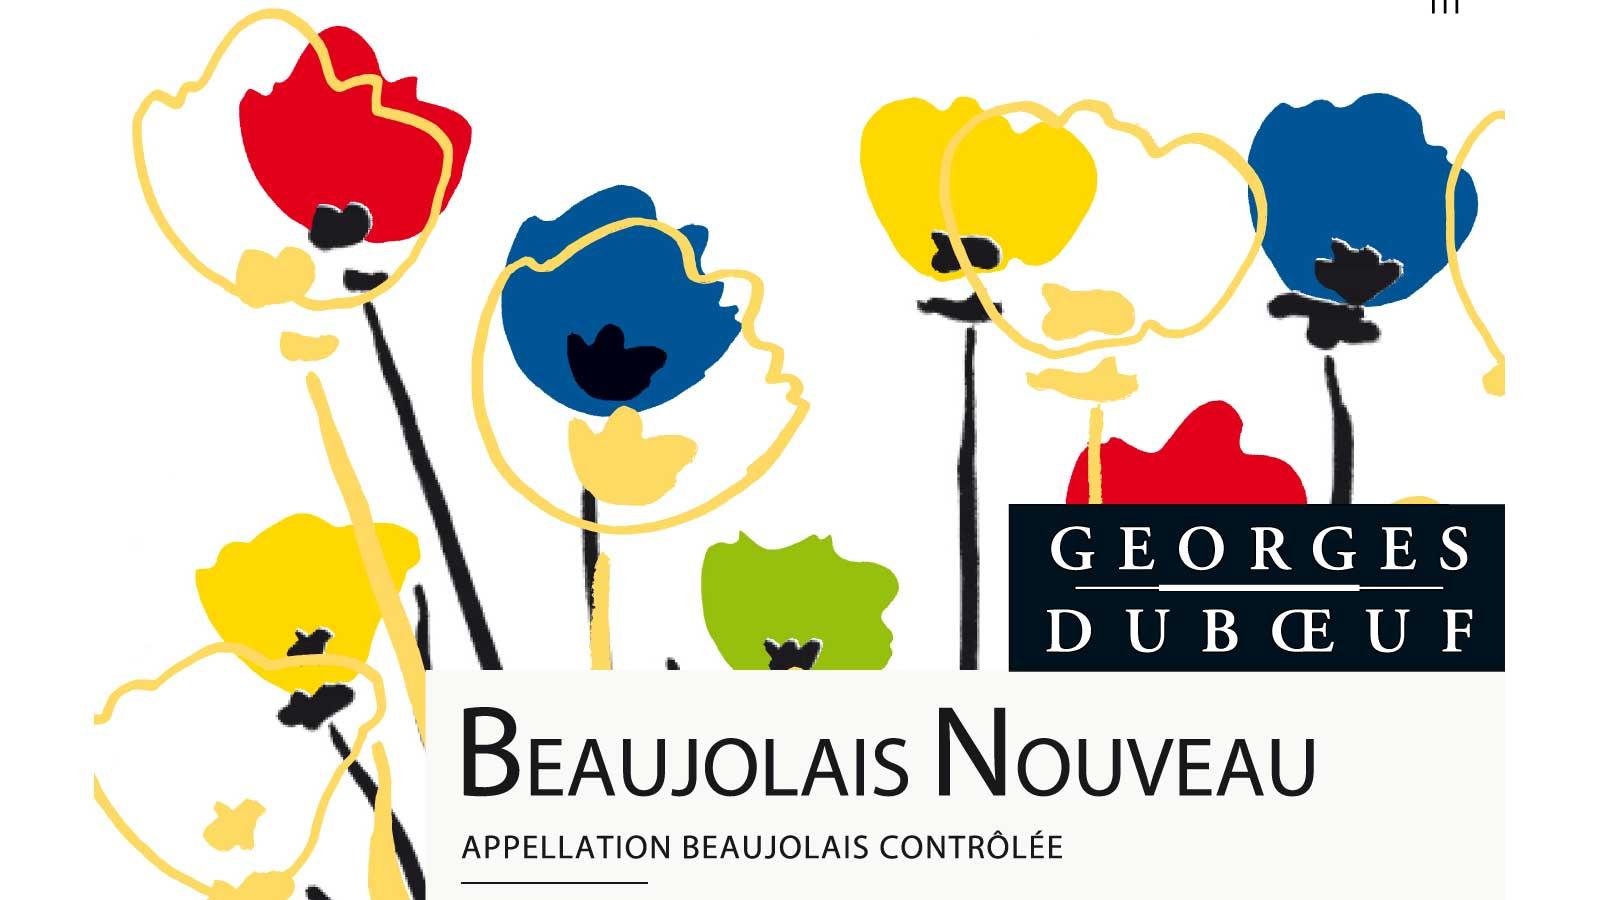 Beaujolais George Duboeuf